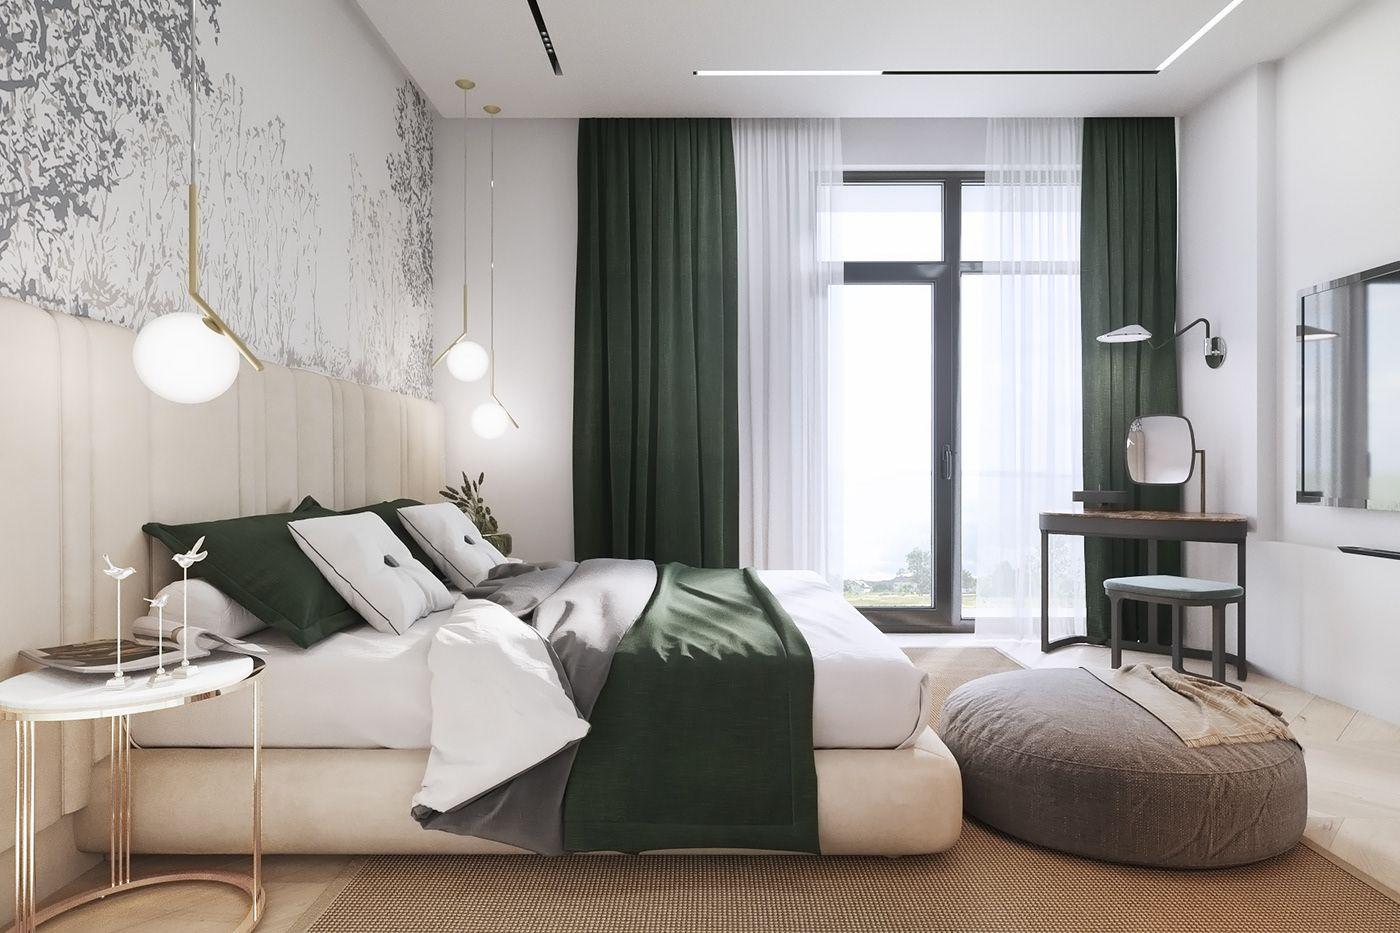 طراحی داخلی اتاق 5